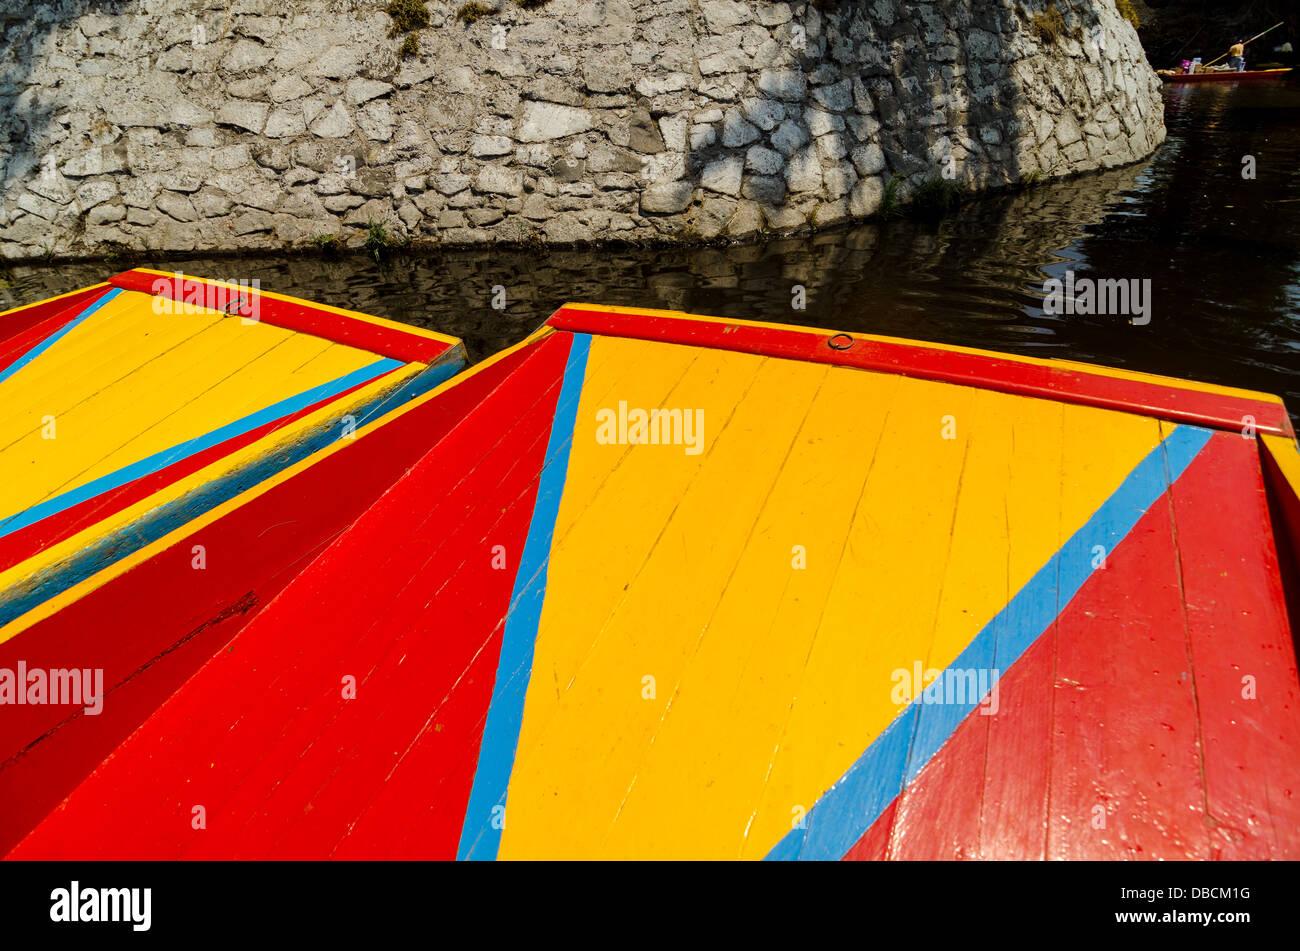 Los colores brillantes de los barcos en el canal de Xochimilco en la Ciudad de México Imagen De Stock